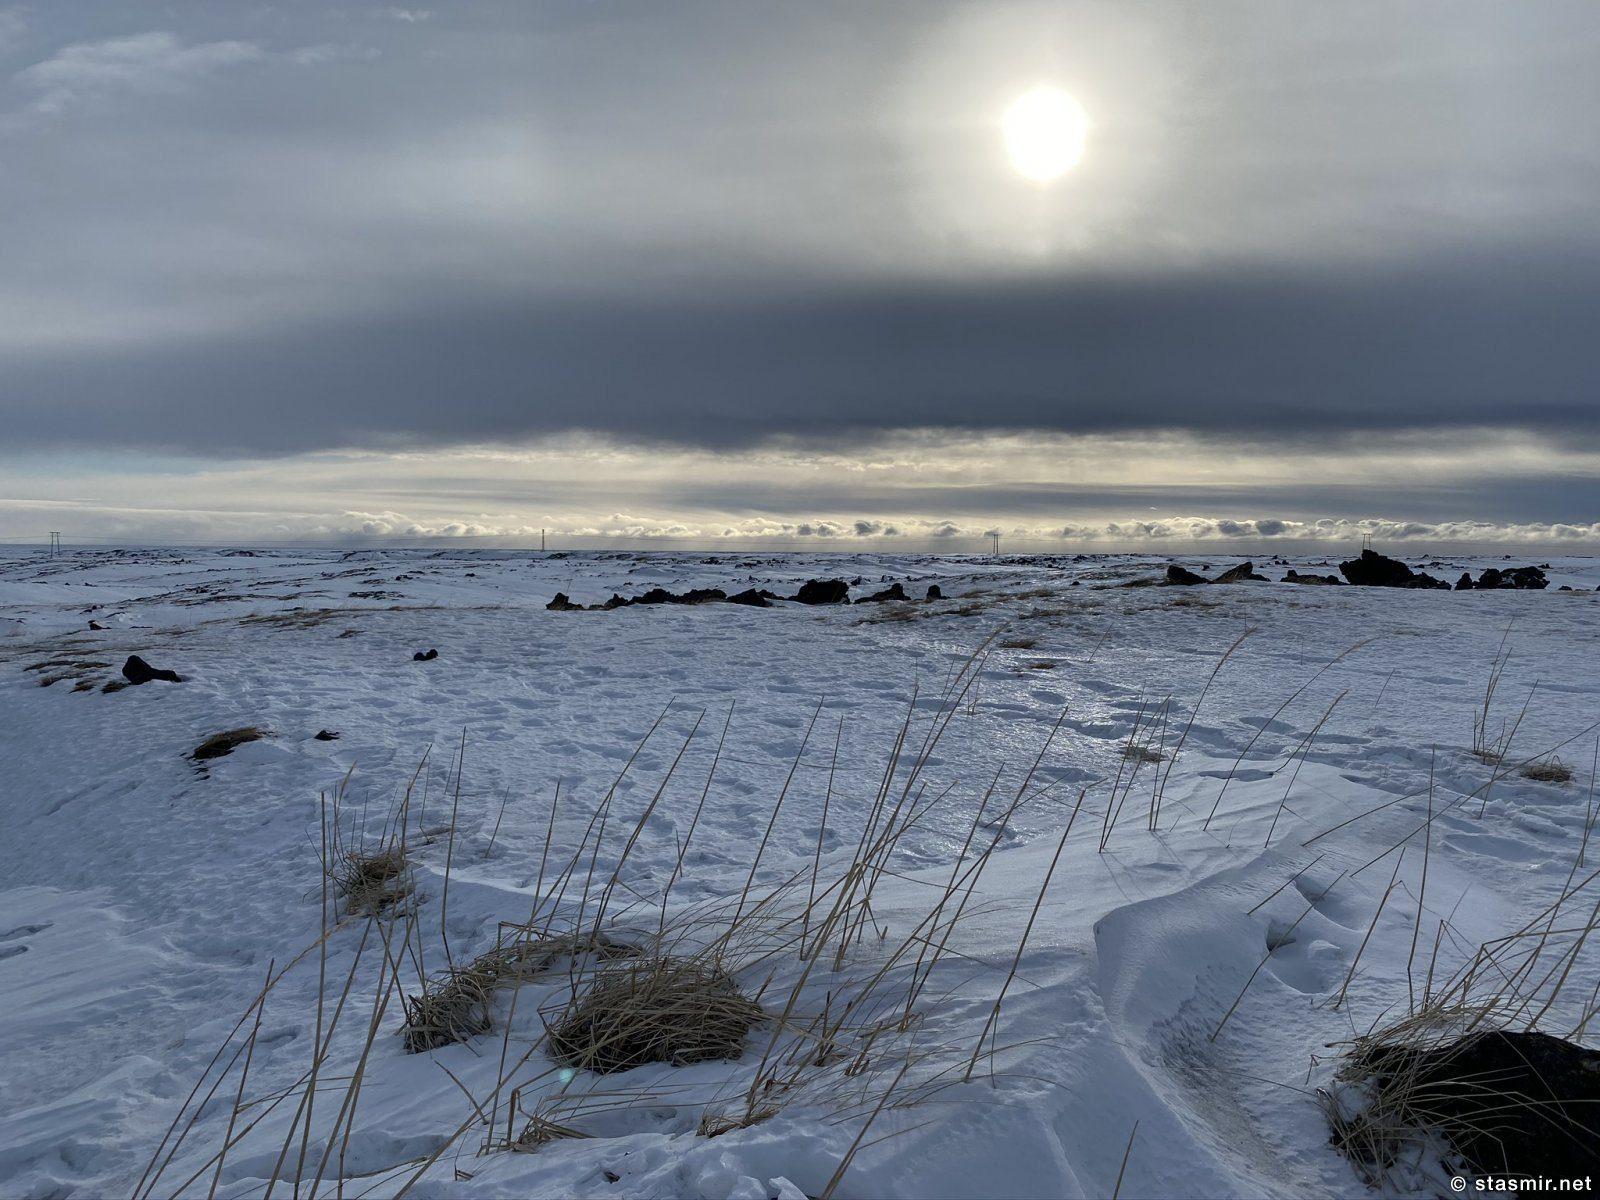 фото Зимняя Исландия в марте 2020 года. Фото Стасмир, photo Stasmir